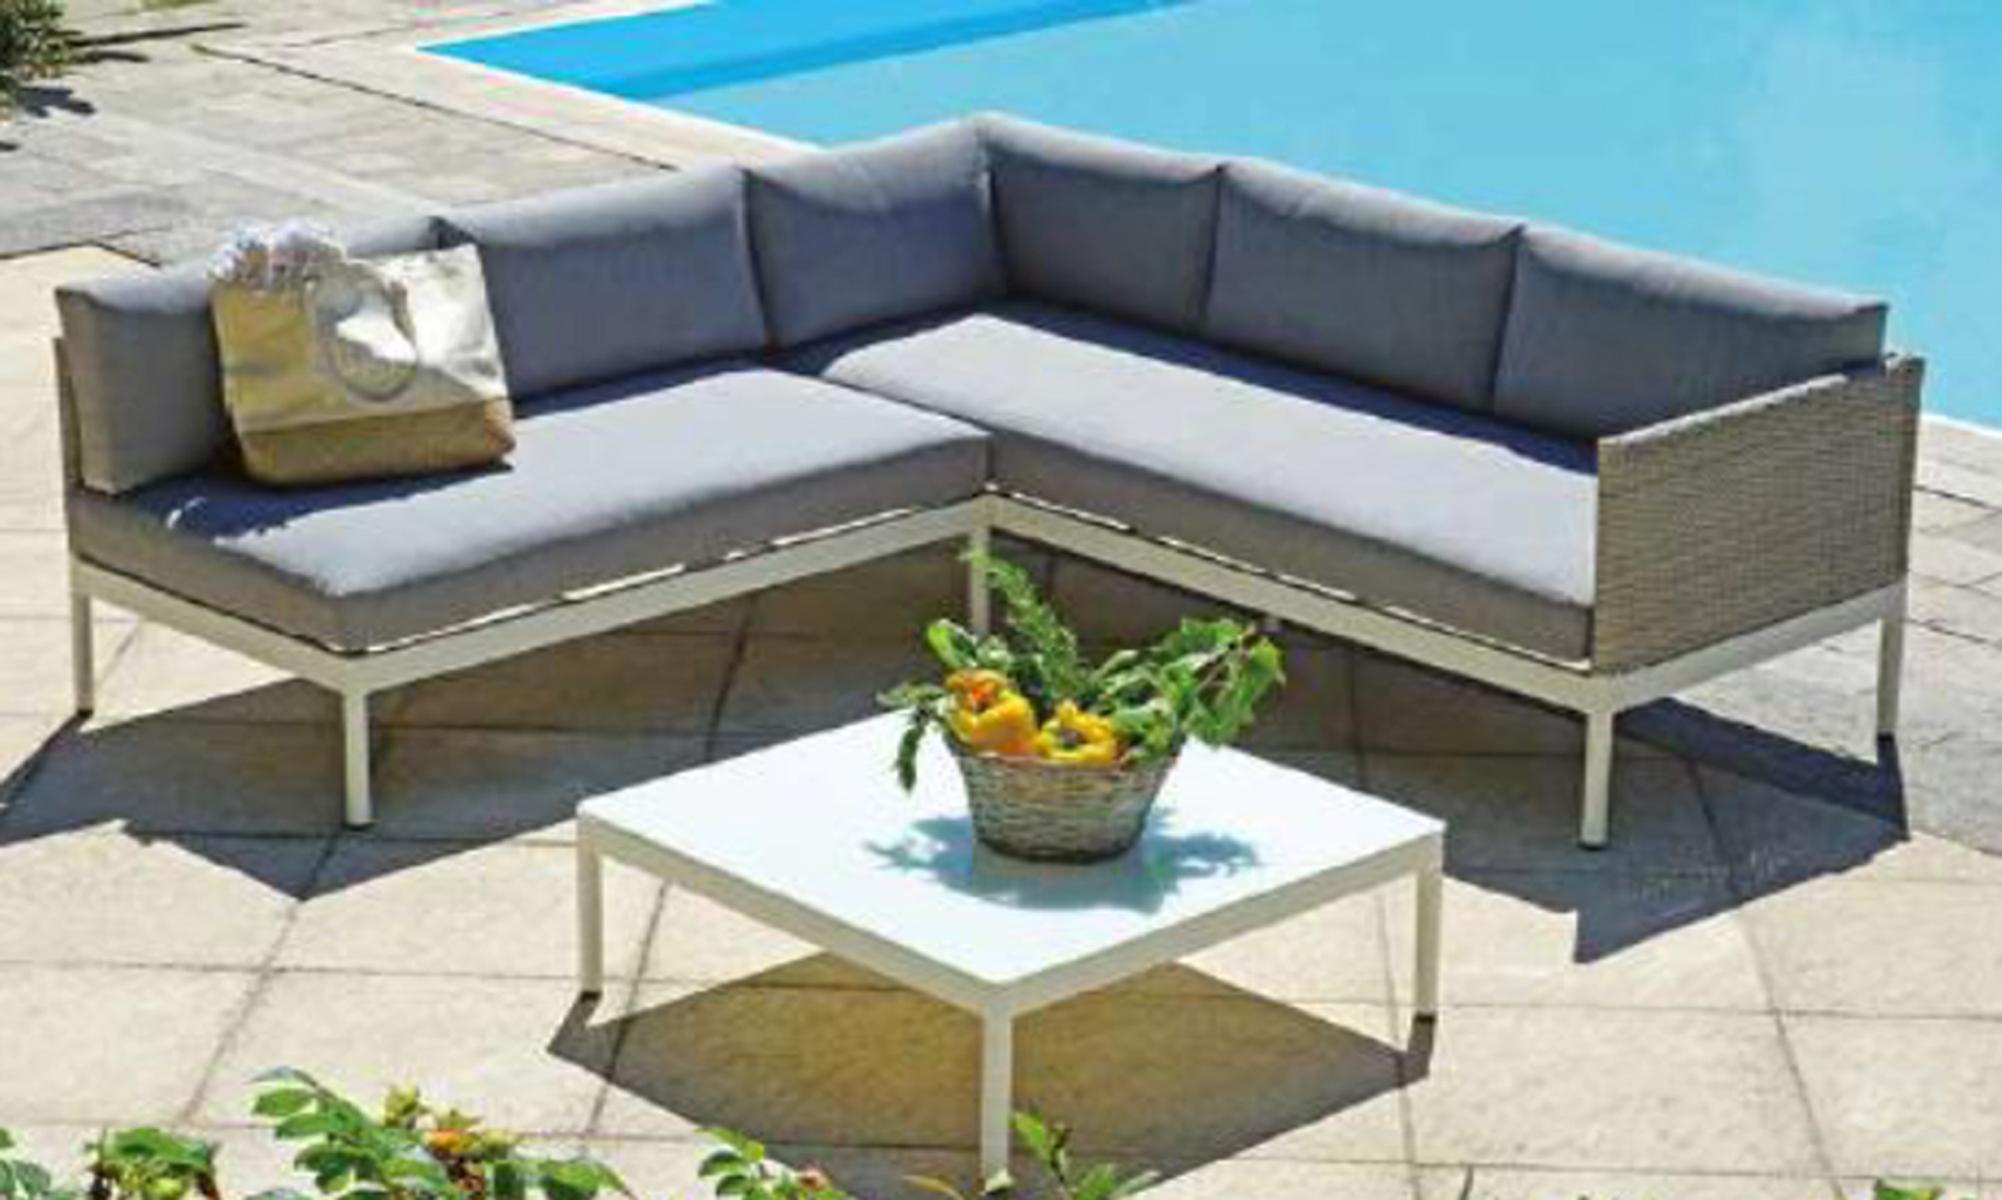 Salon de jardin design en aluminium blanc et osier gris chiné | eBay